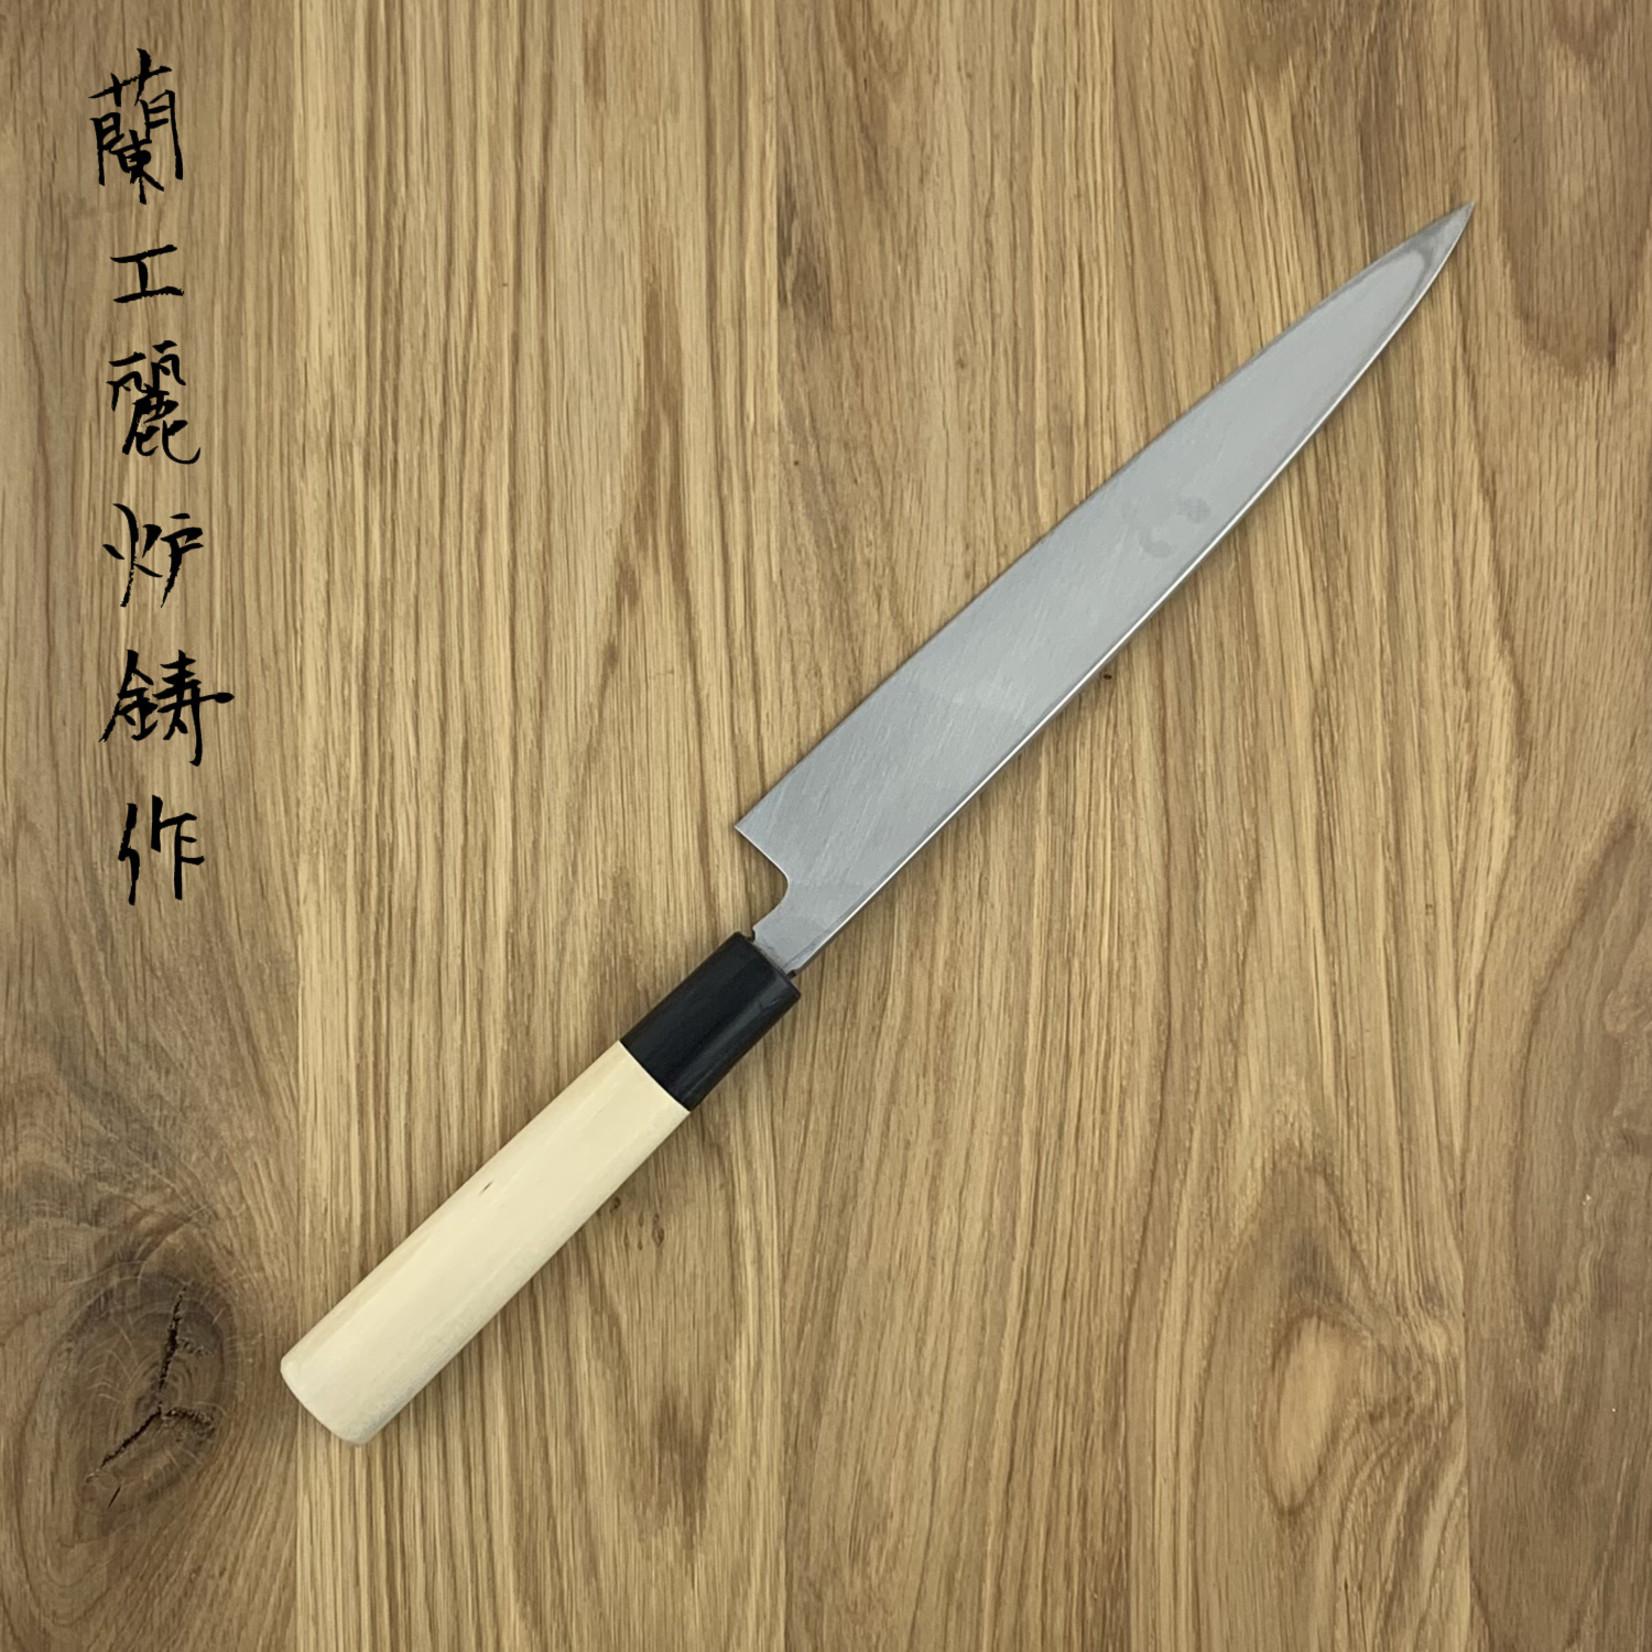 SAKAI TAKAYUKI Yanagiba 240 mm Inox 04303